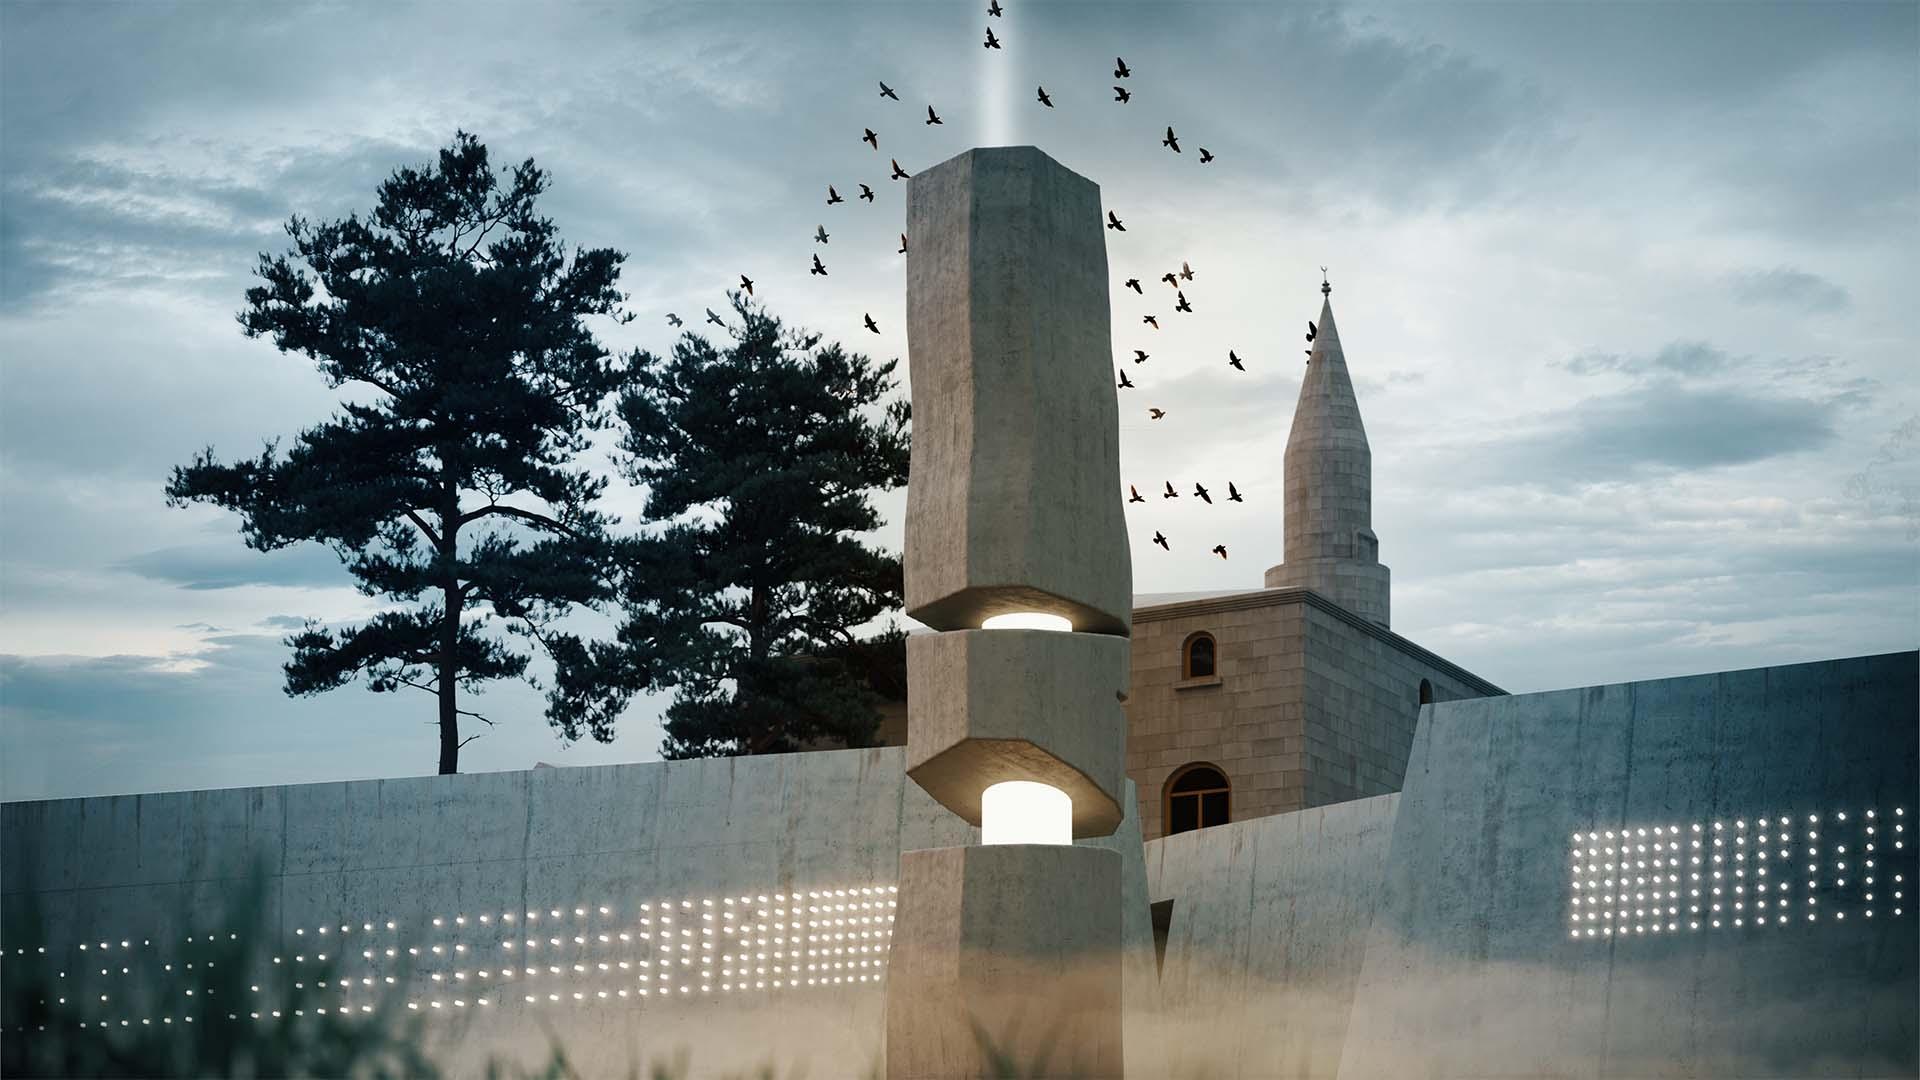 Anıt Heykele Bakış